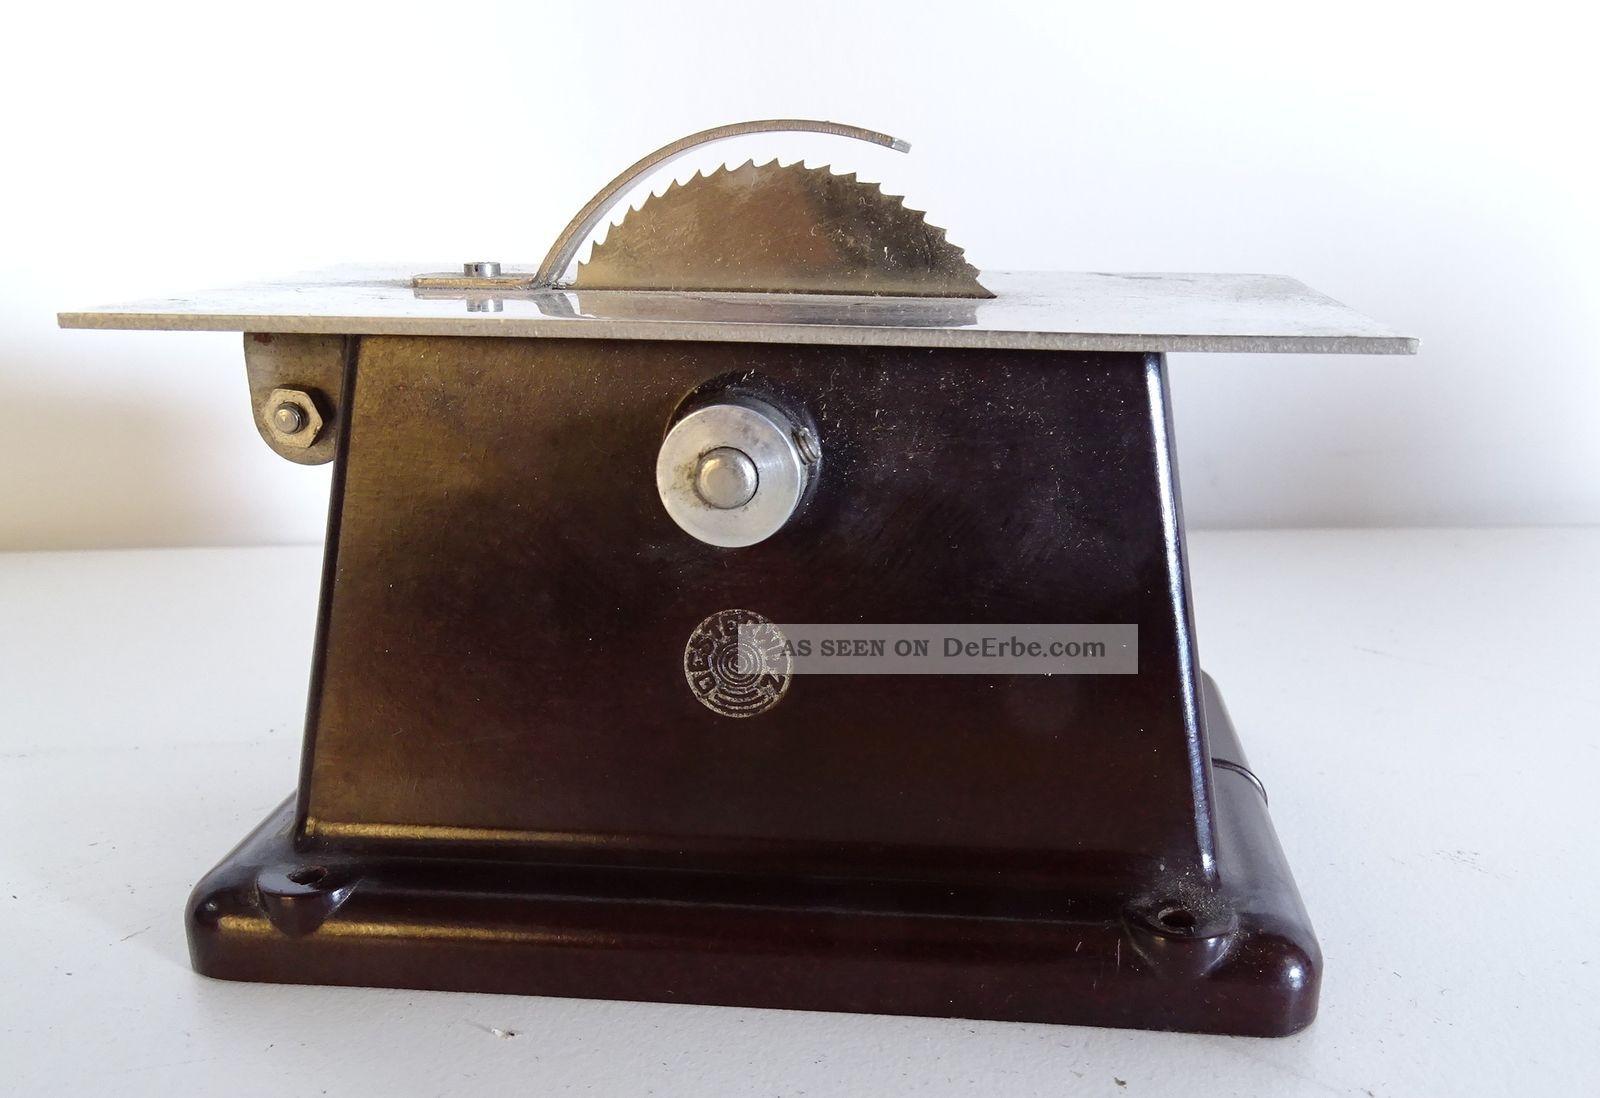 Antike Rarität Orig.  Oesterwitz Antriebsmodell Dampfmaschine Kreisssäge Bakelit Gefertigt nach 1945 Bild